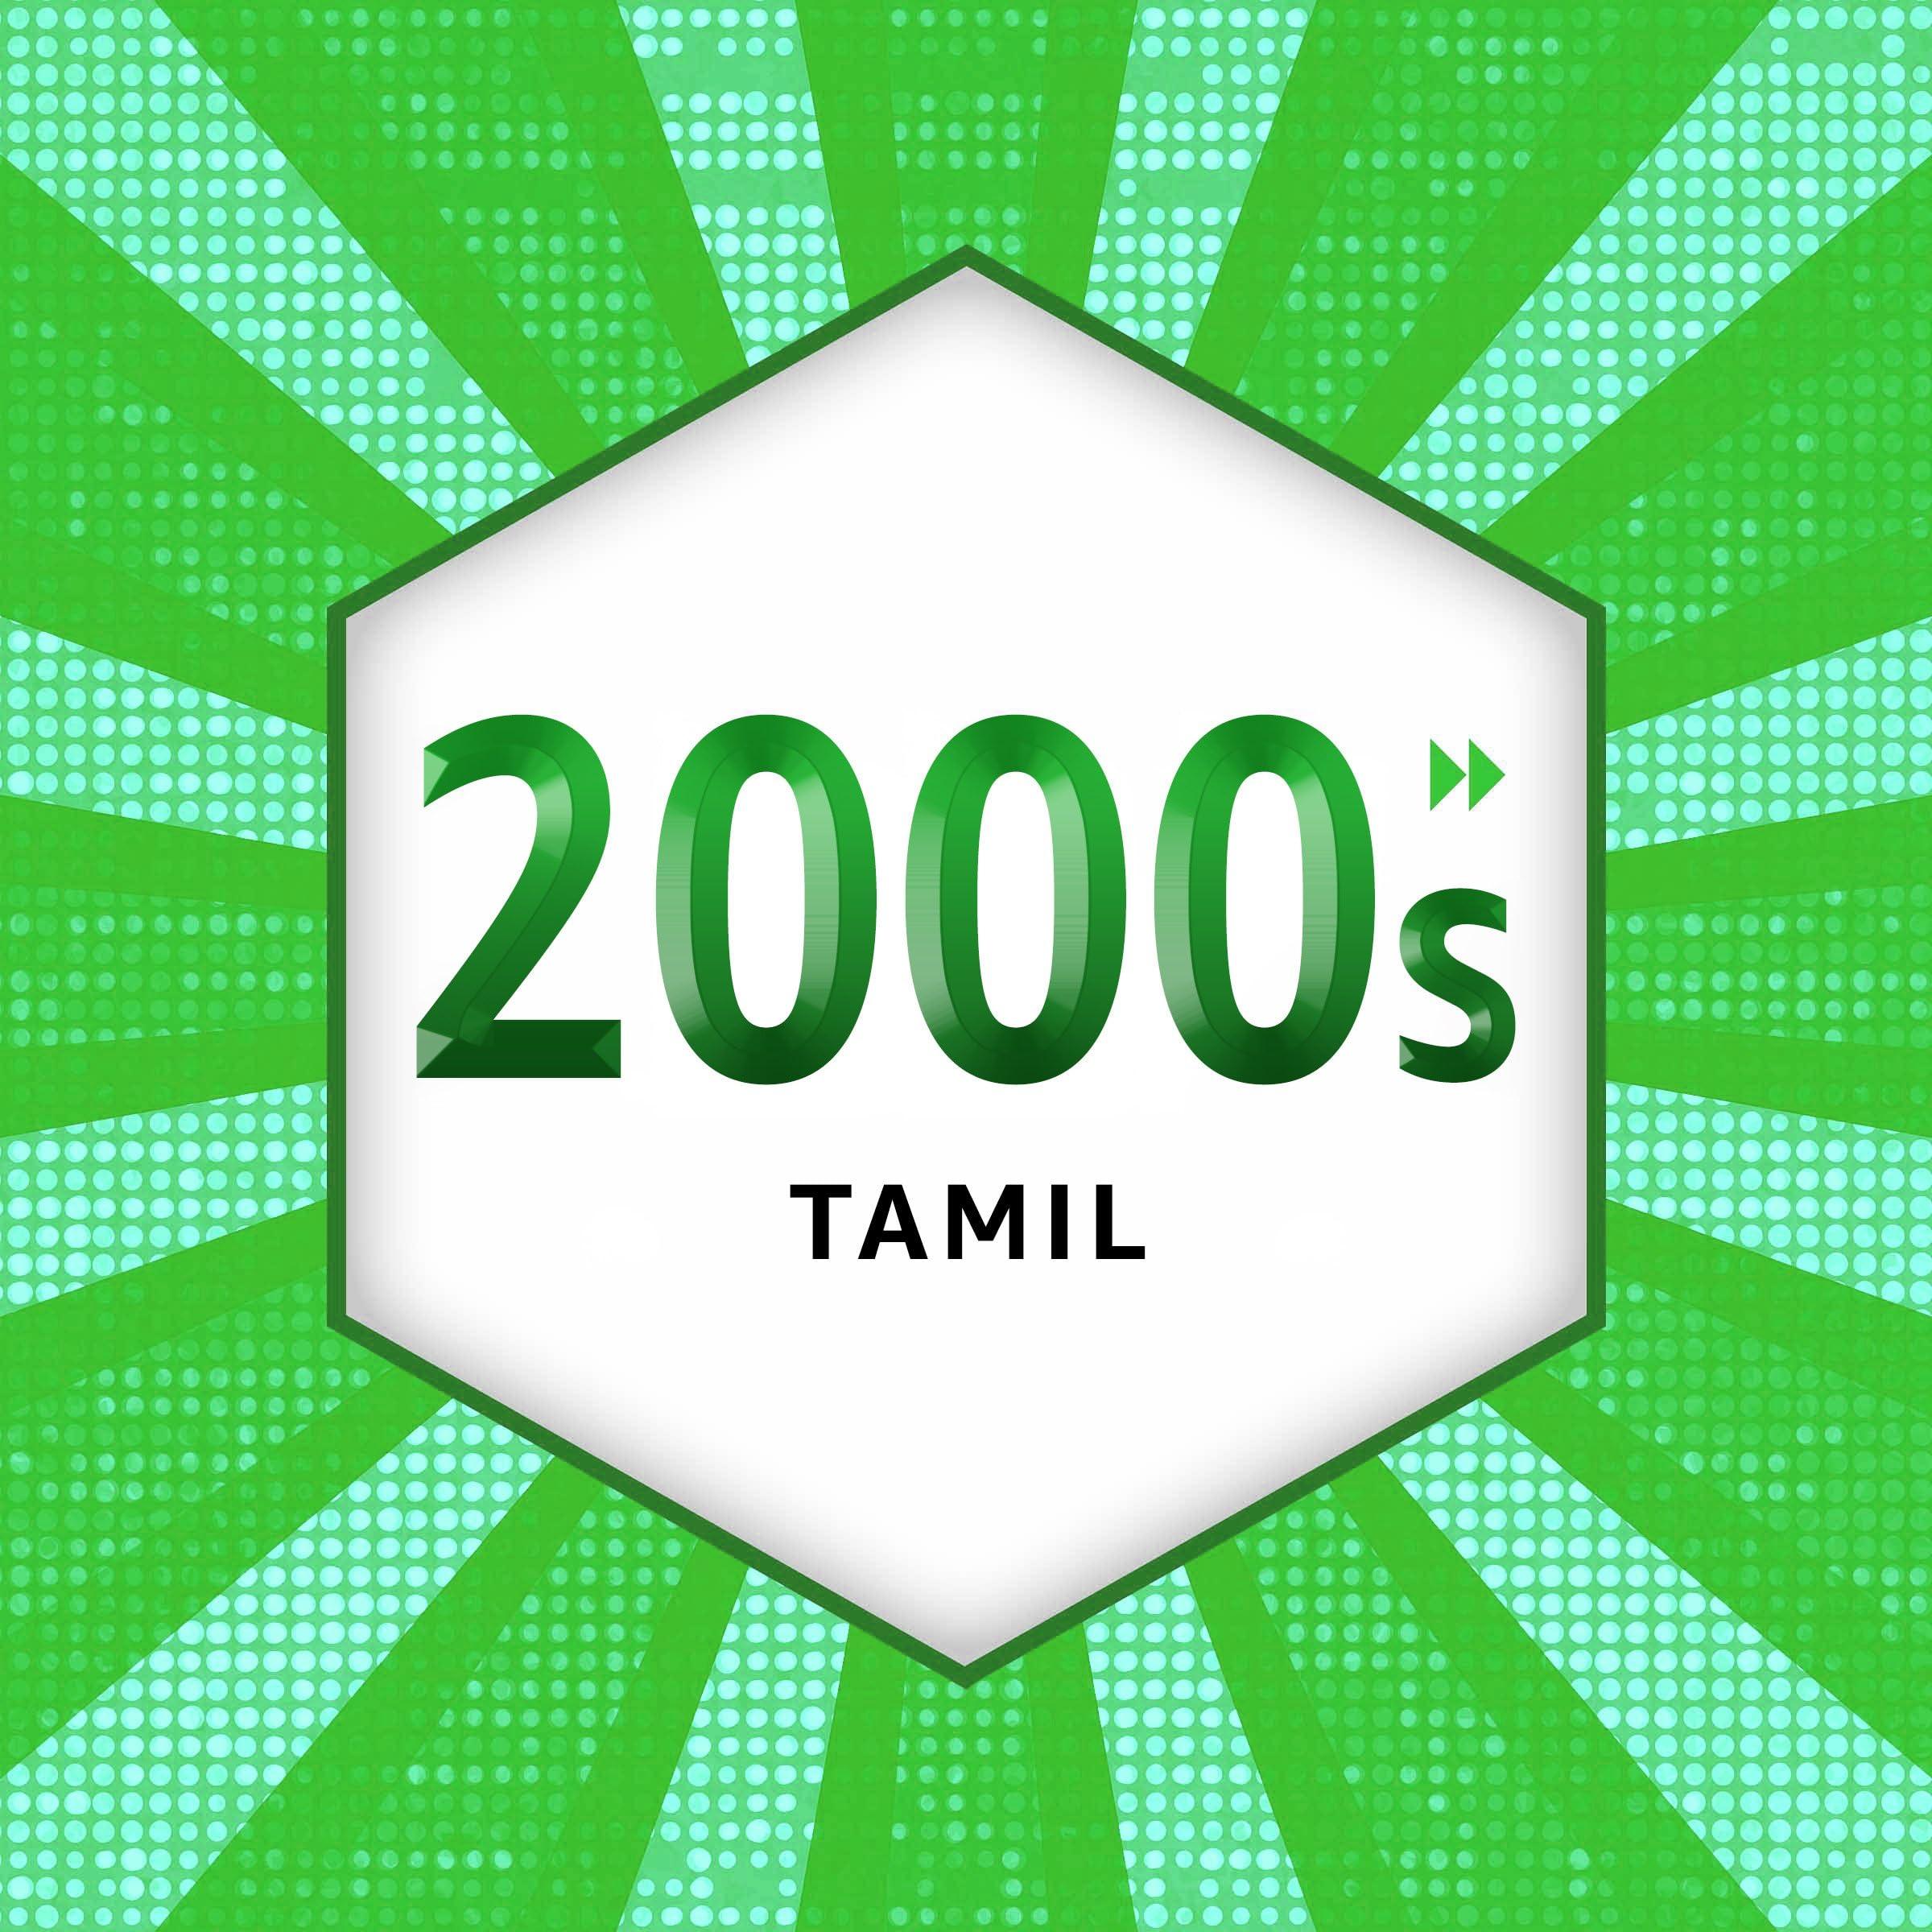 2000s Tamil